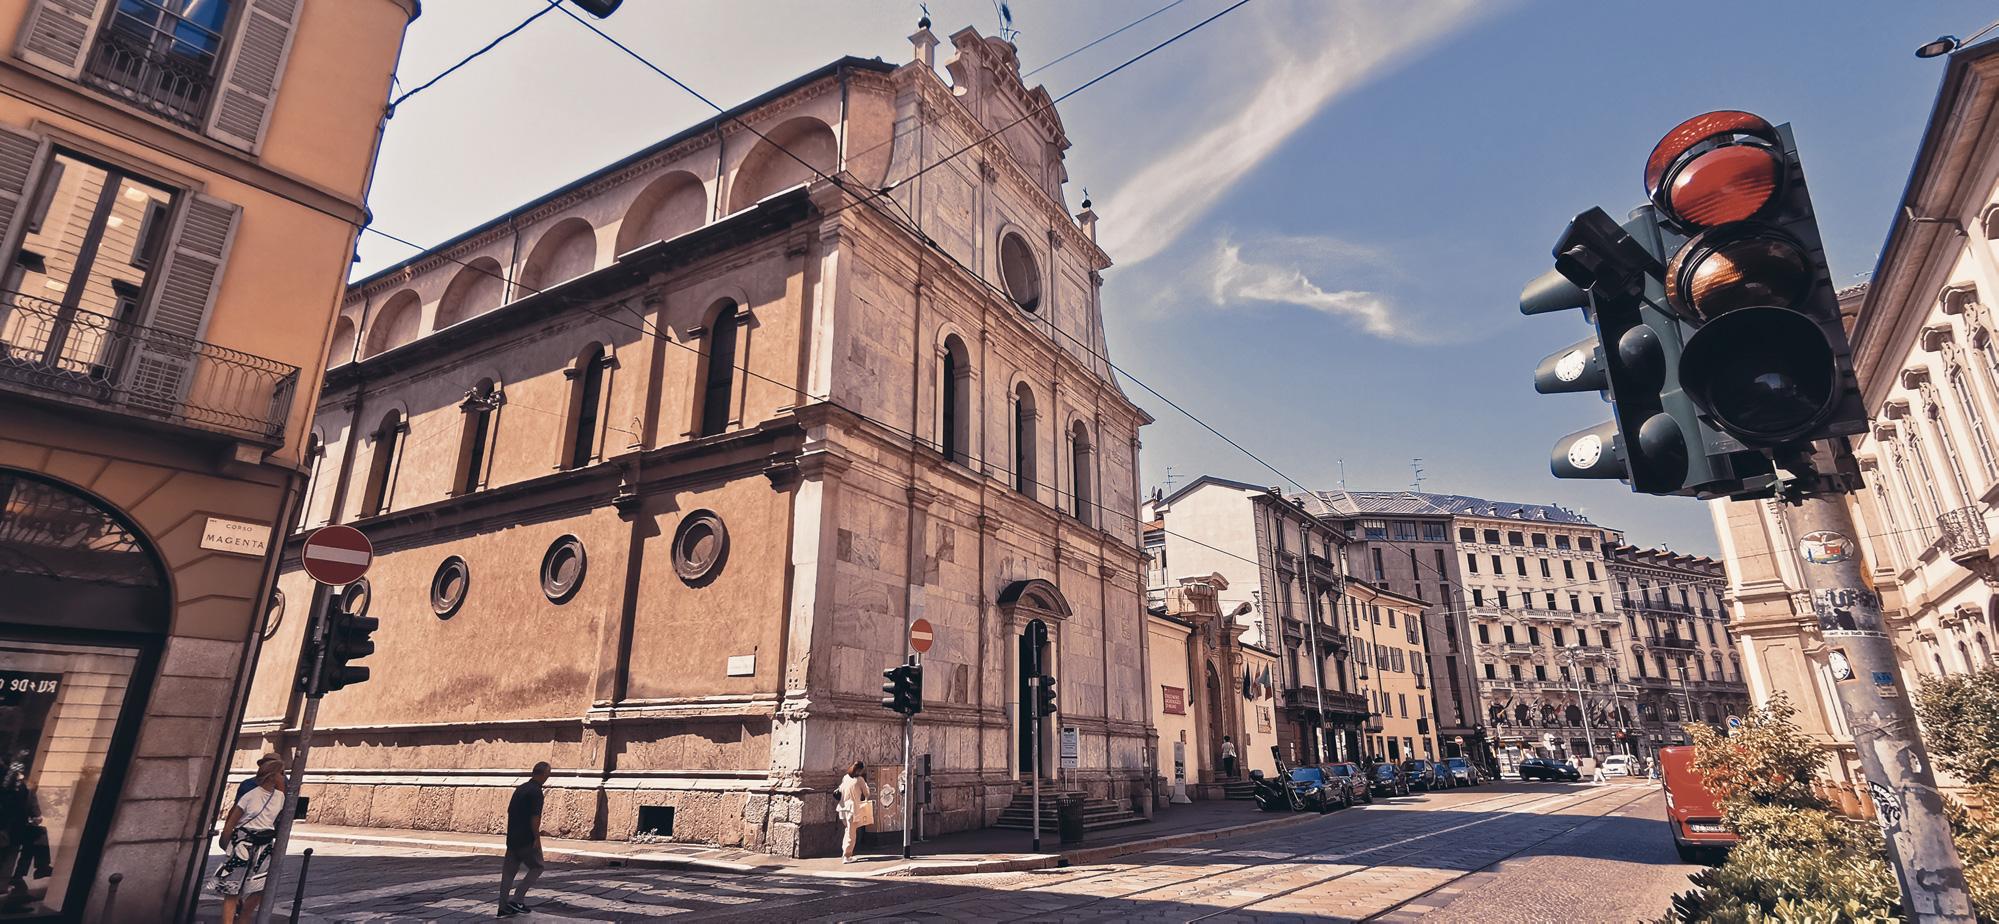 Las 5 iglesias más impactantes de Milán